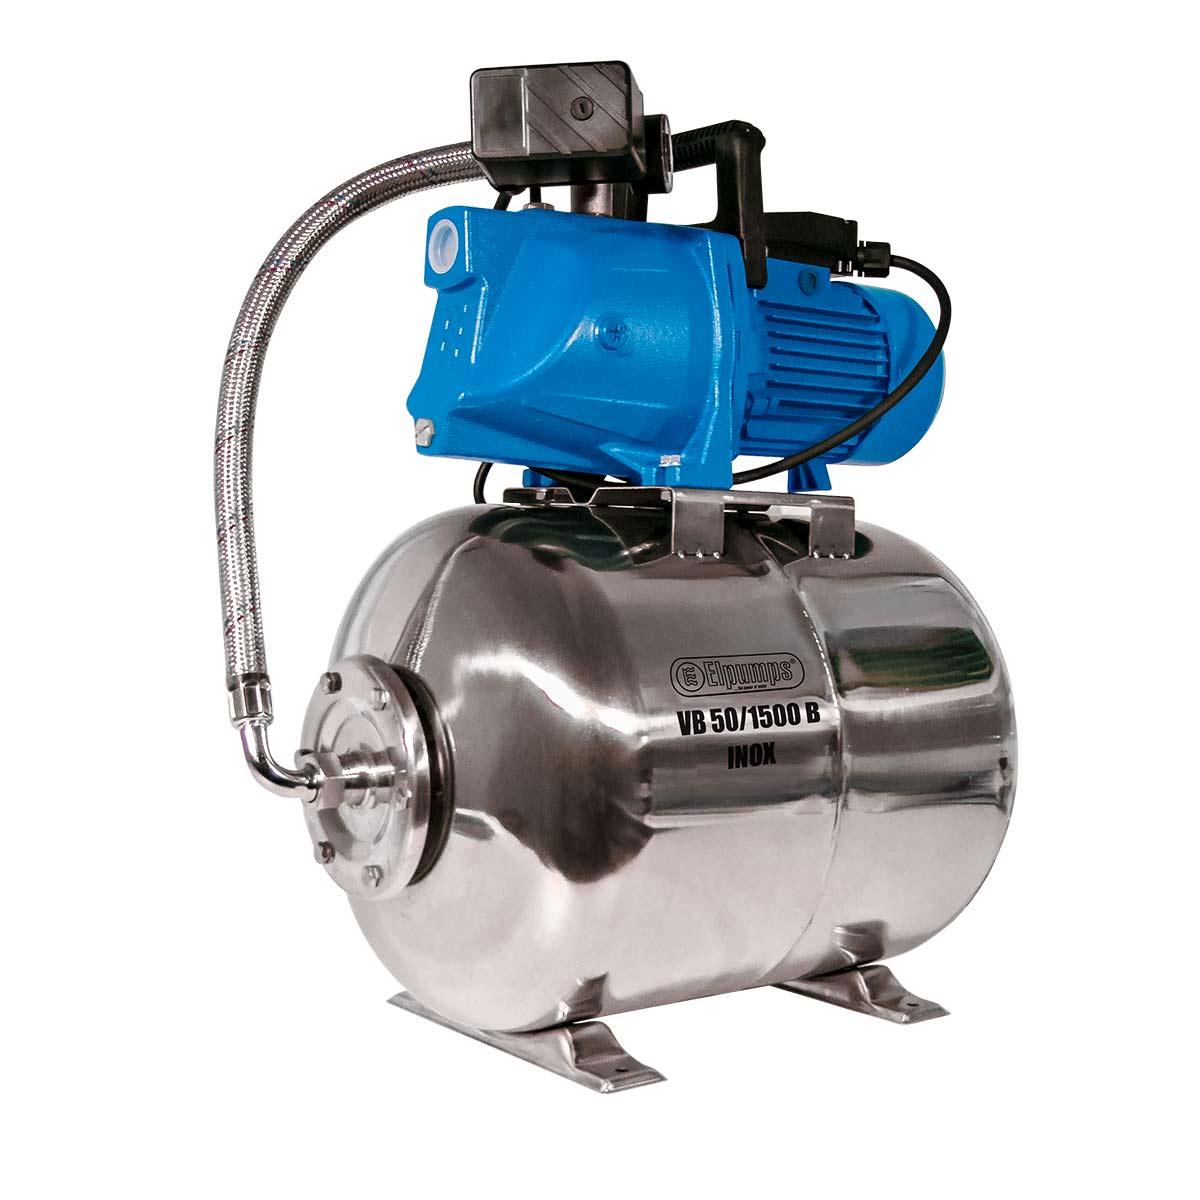 Hauswasserwerk VB 50/1300 INOX